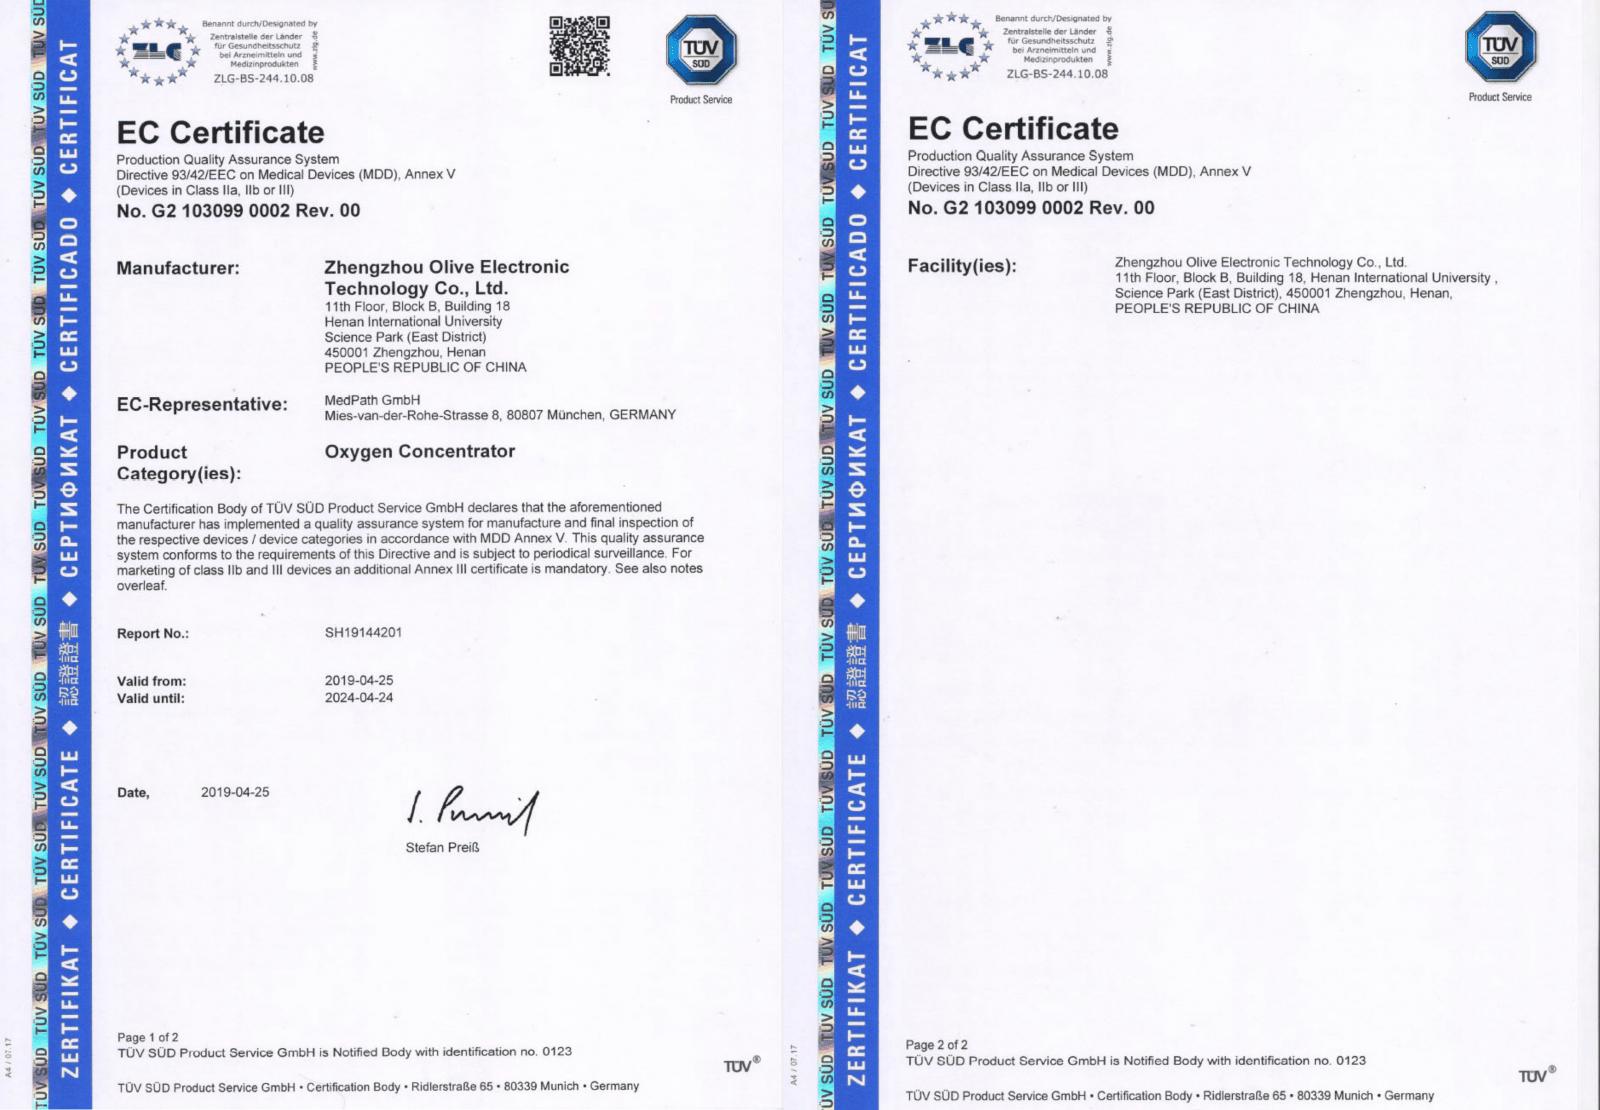 сертификат качества CE для кислородного концентратора